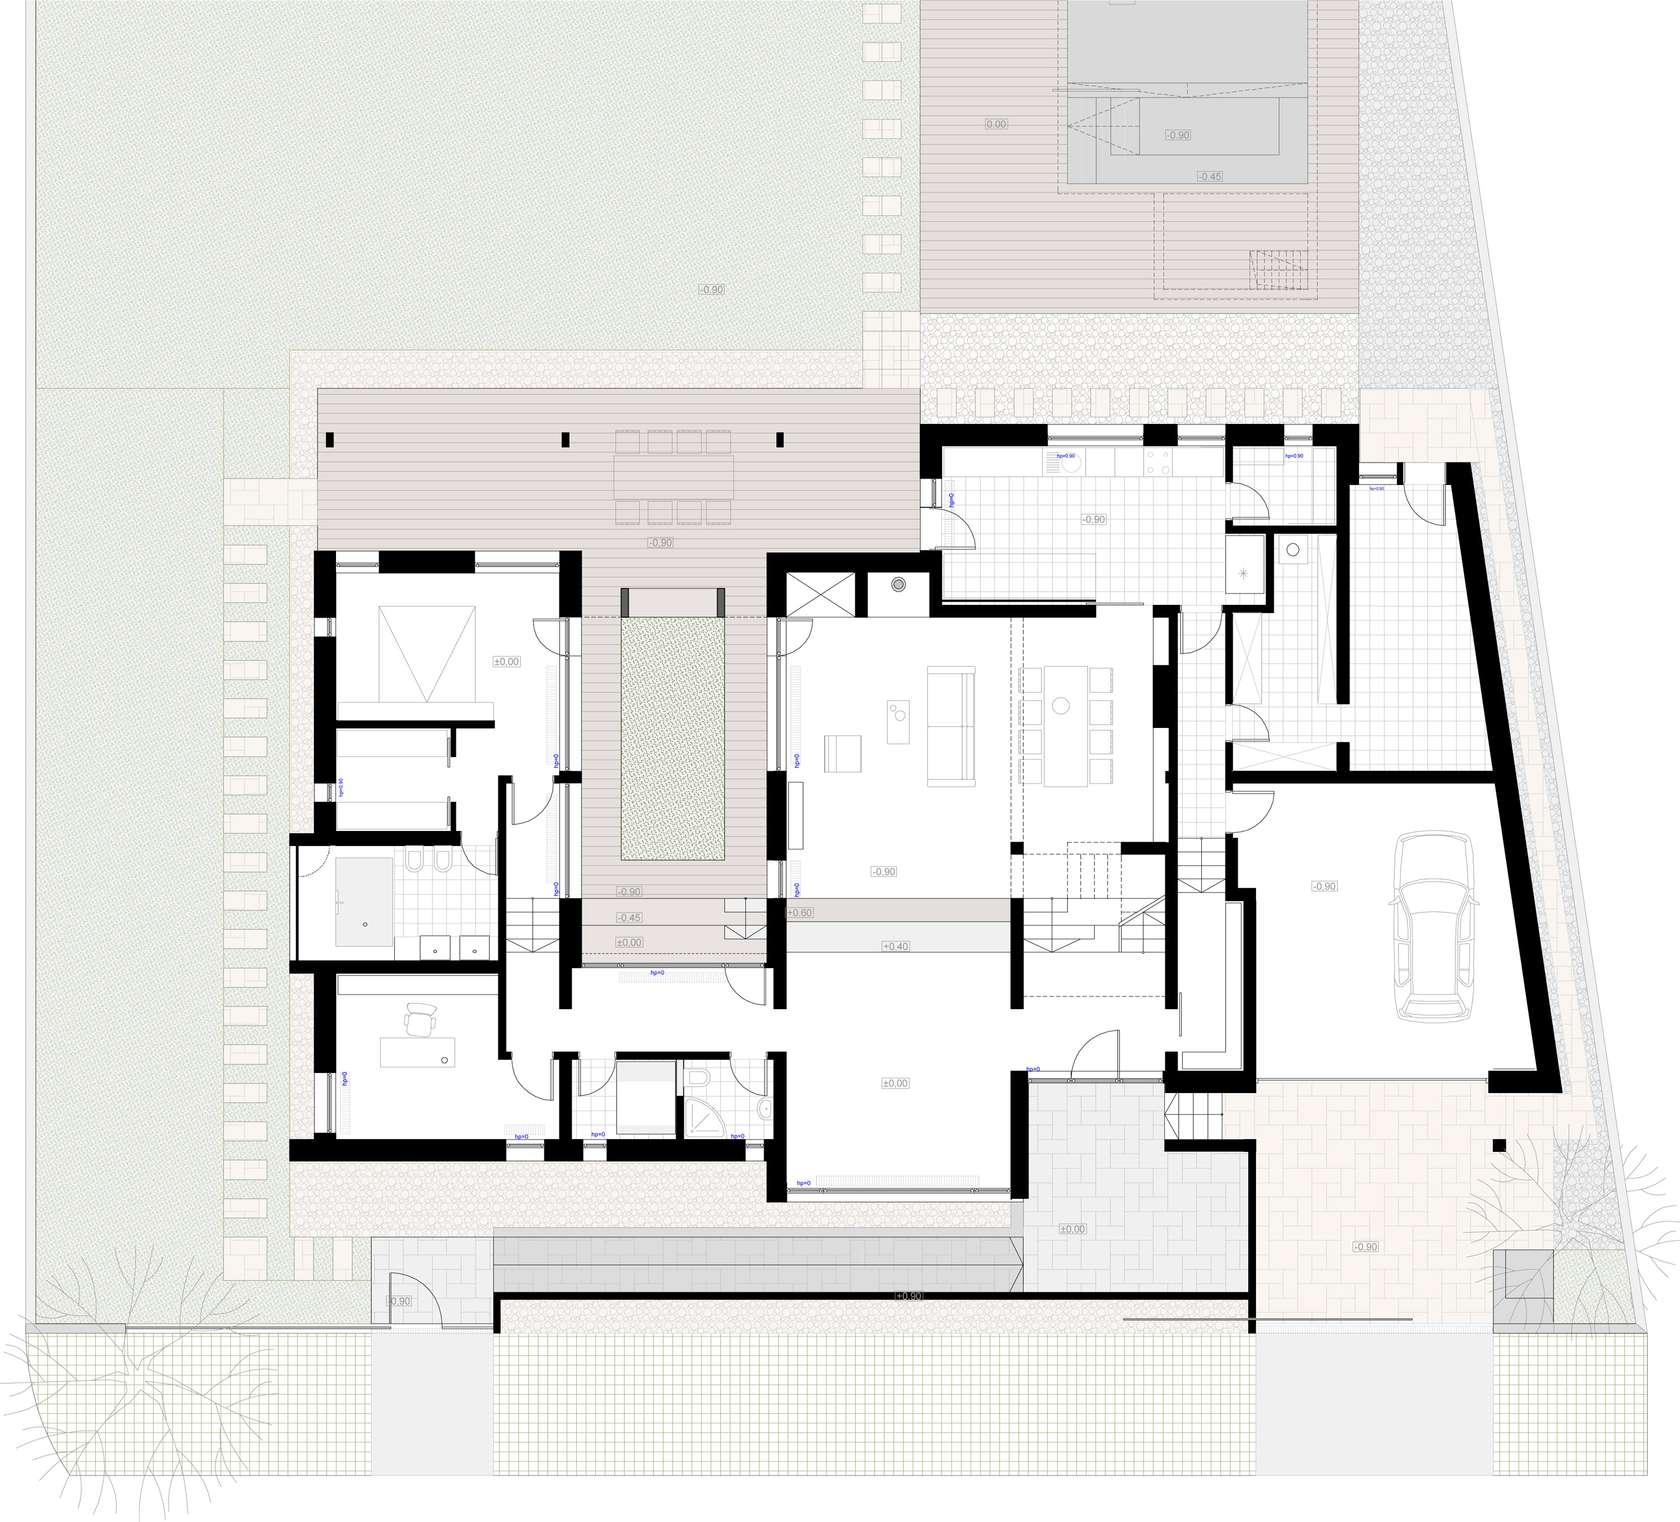 Dise o de casa moderna de dos pisos fachadas y planos for Planos de casas modernas